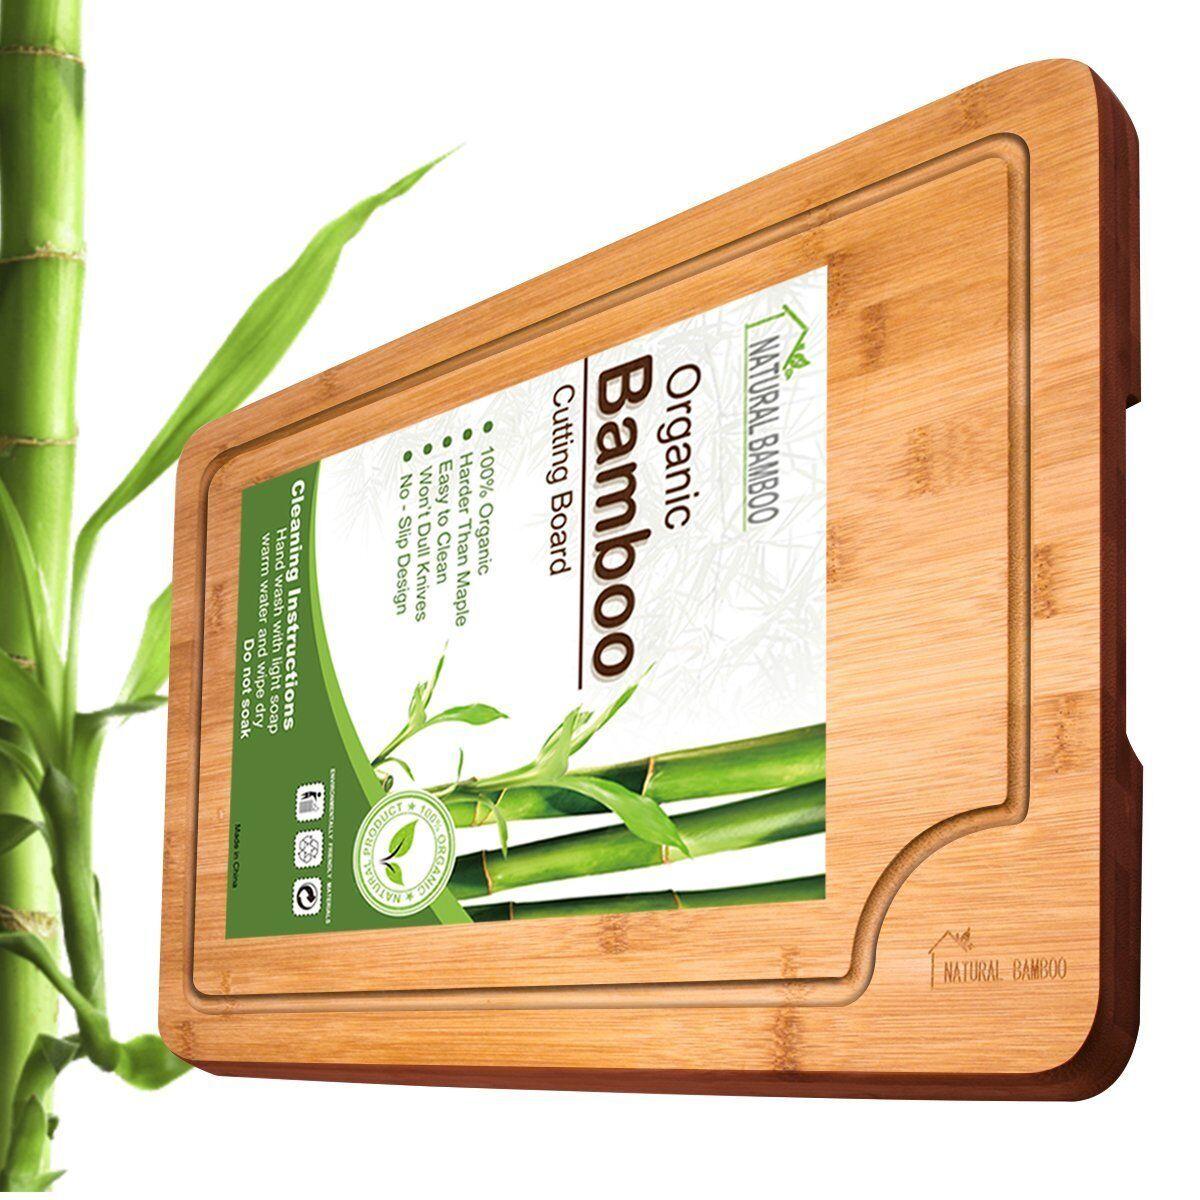 Bamboo Cutting Board, ANKO 100% Organic Bamboo Extra Large C